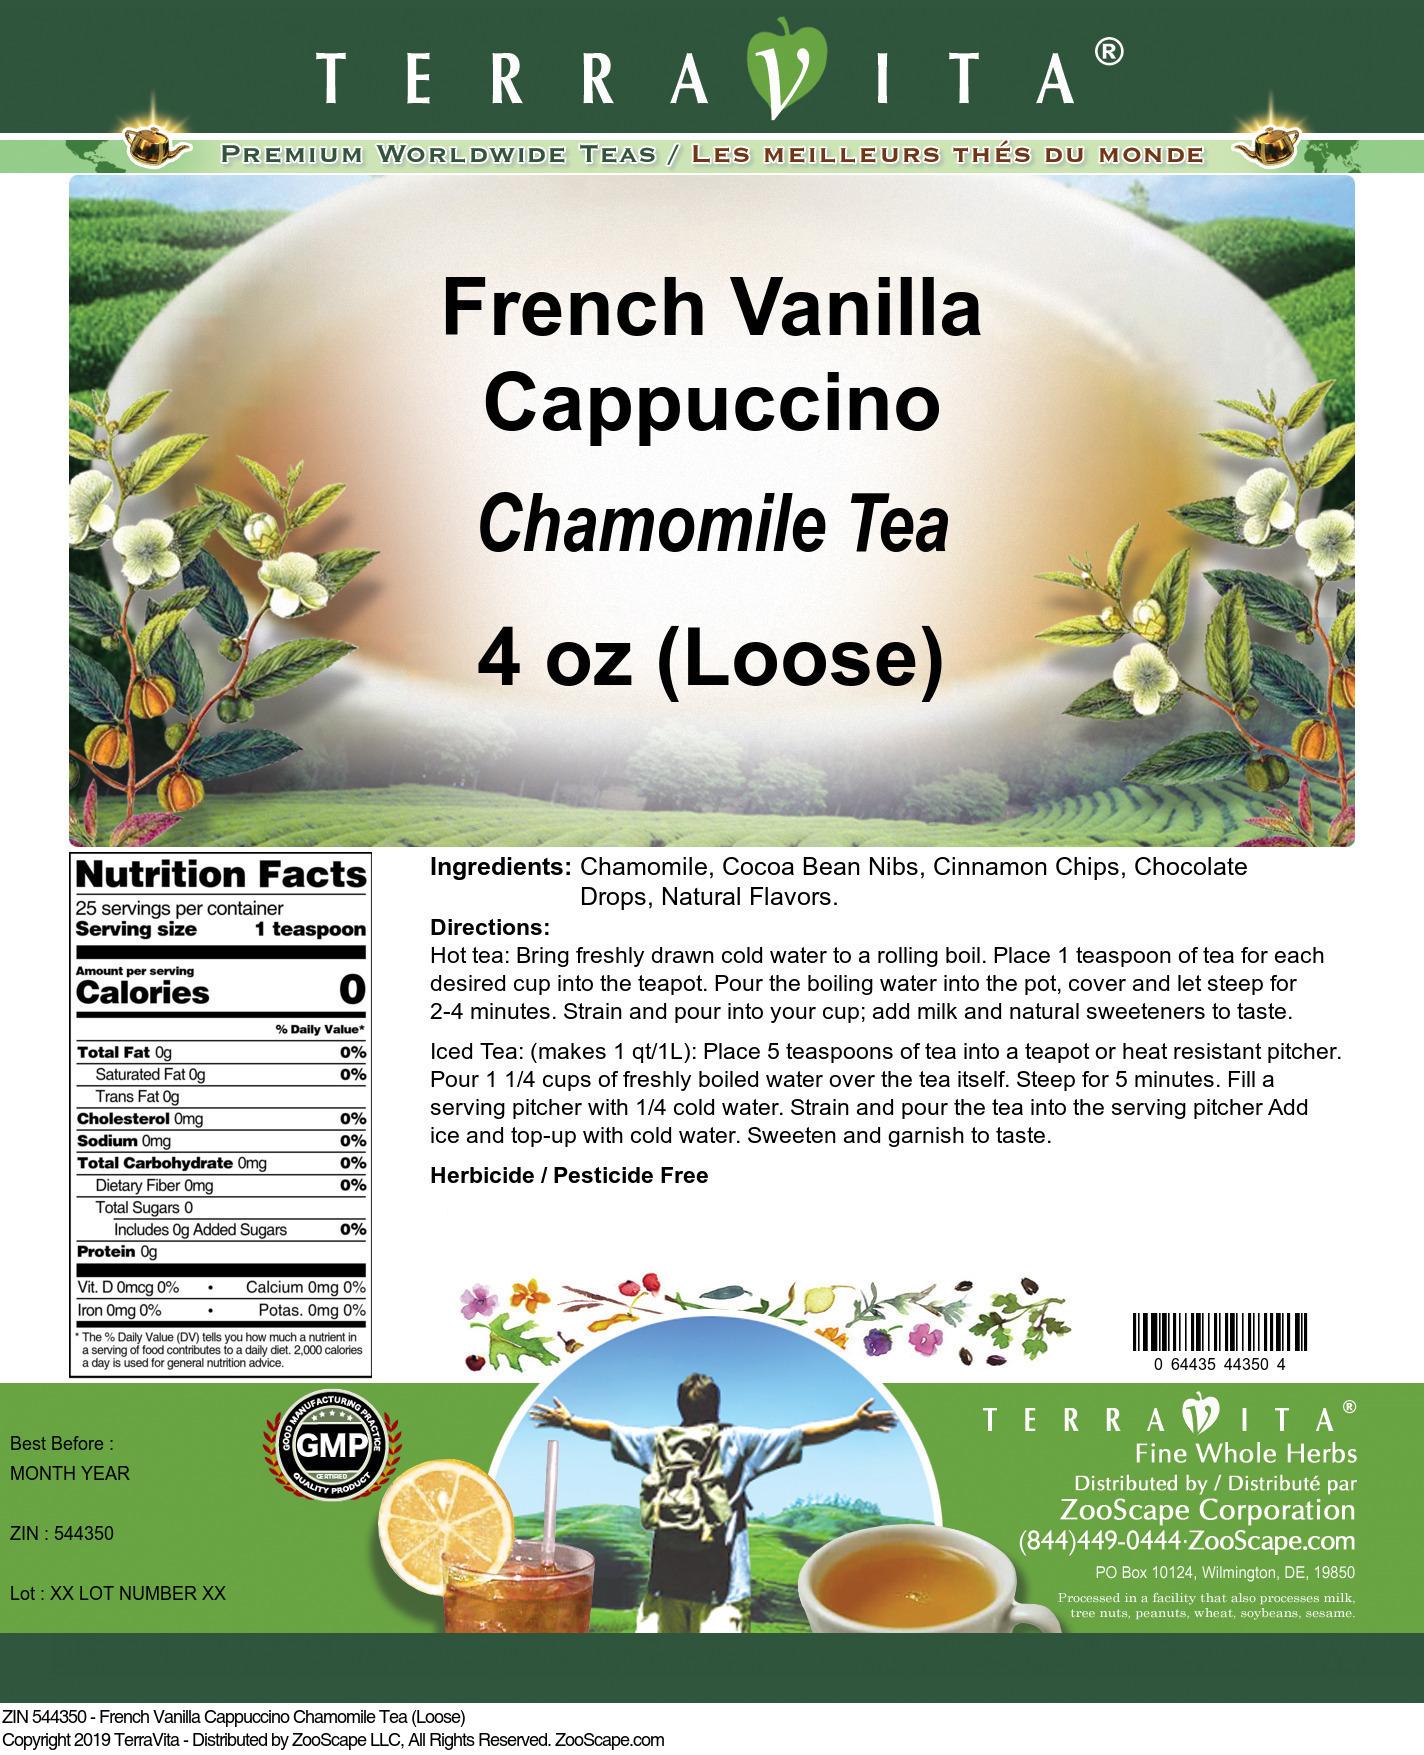 French Vanilla Cappuccino Chamomile Tea (Loose)